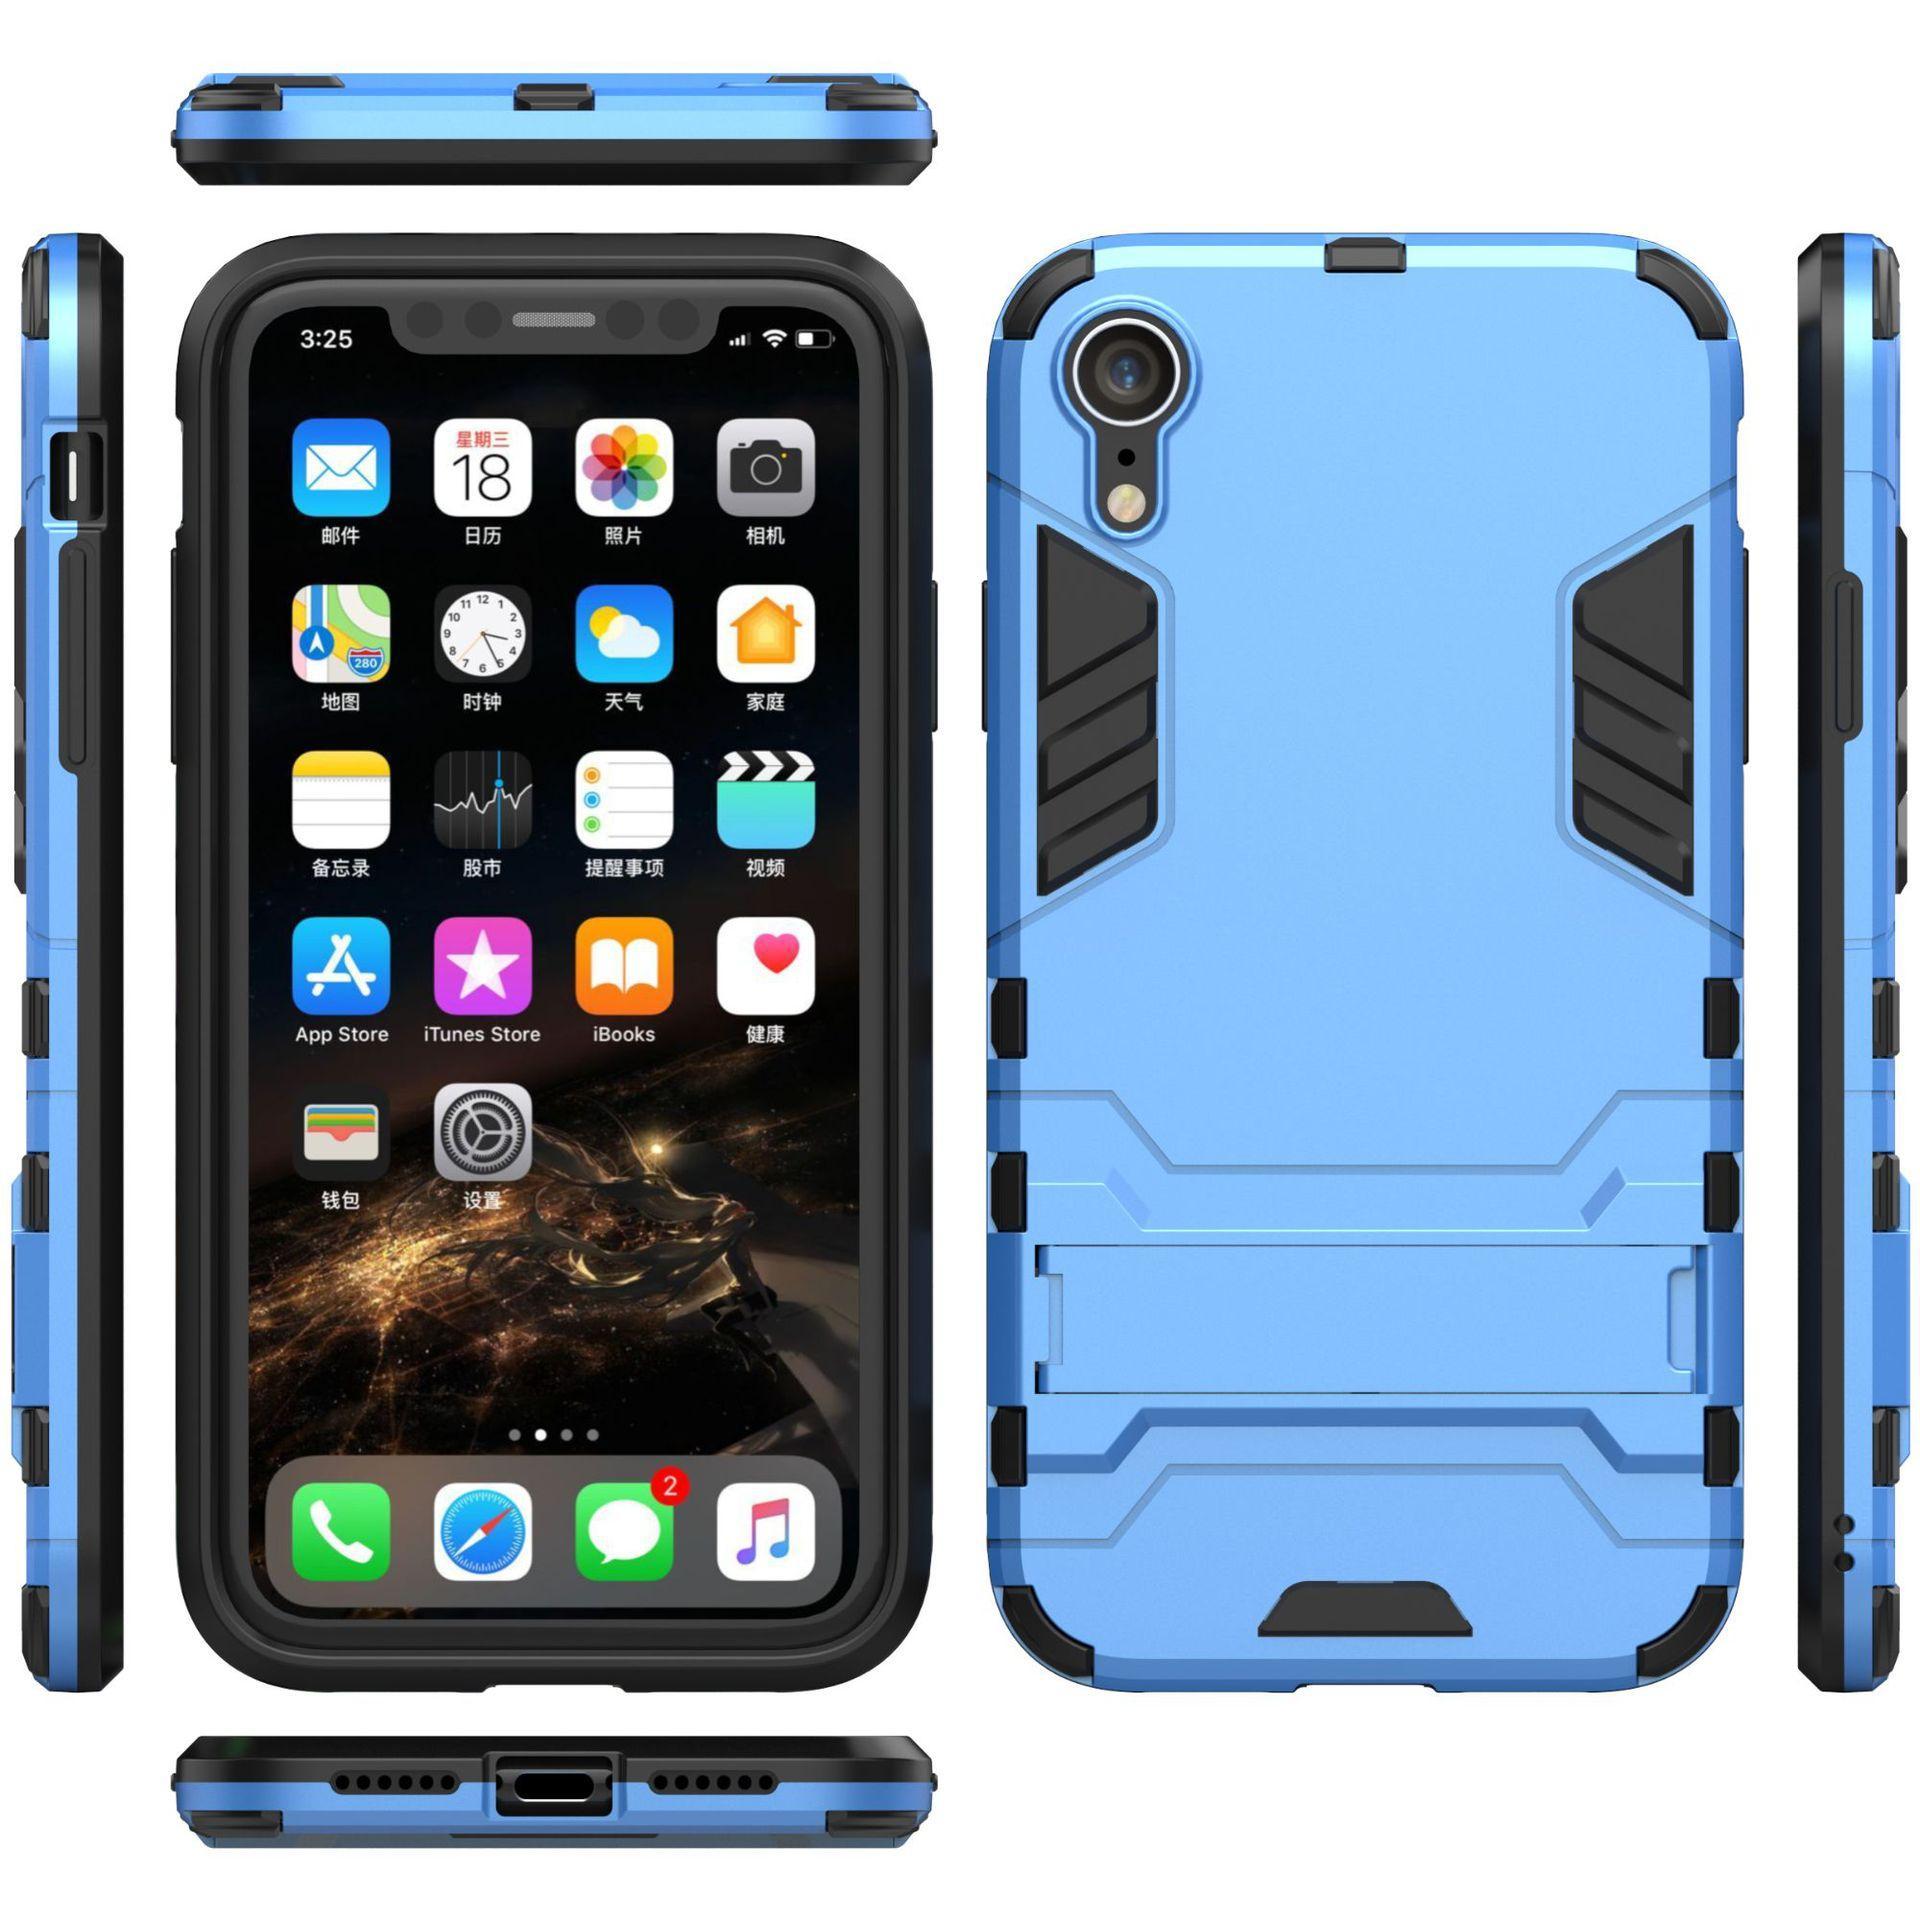 7c076c62f96 Fundas De Celulares Para El IPhone 5 6 7 8 Plus Armadura Dos En Uno Estuche  De Soporte Resistente A La Rotura Estuche De Hombre De Hierro Para Iphone  XS Max ...